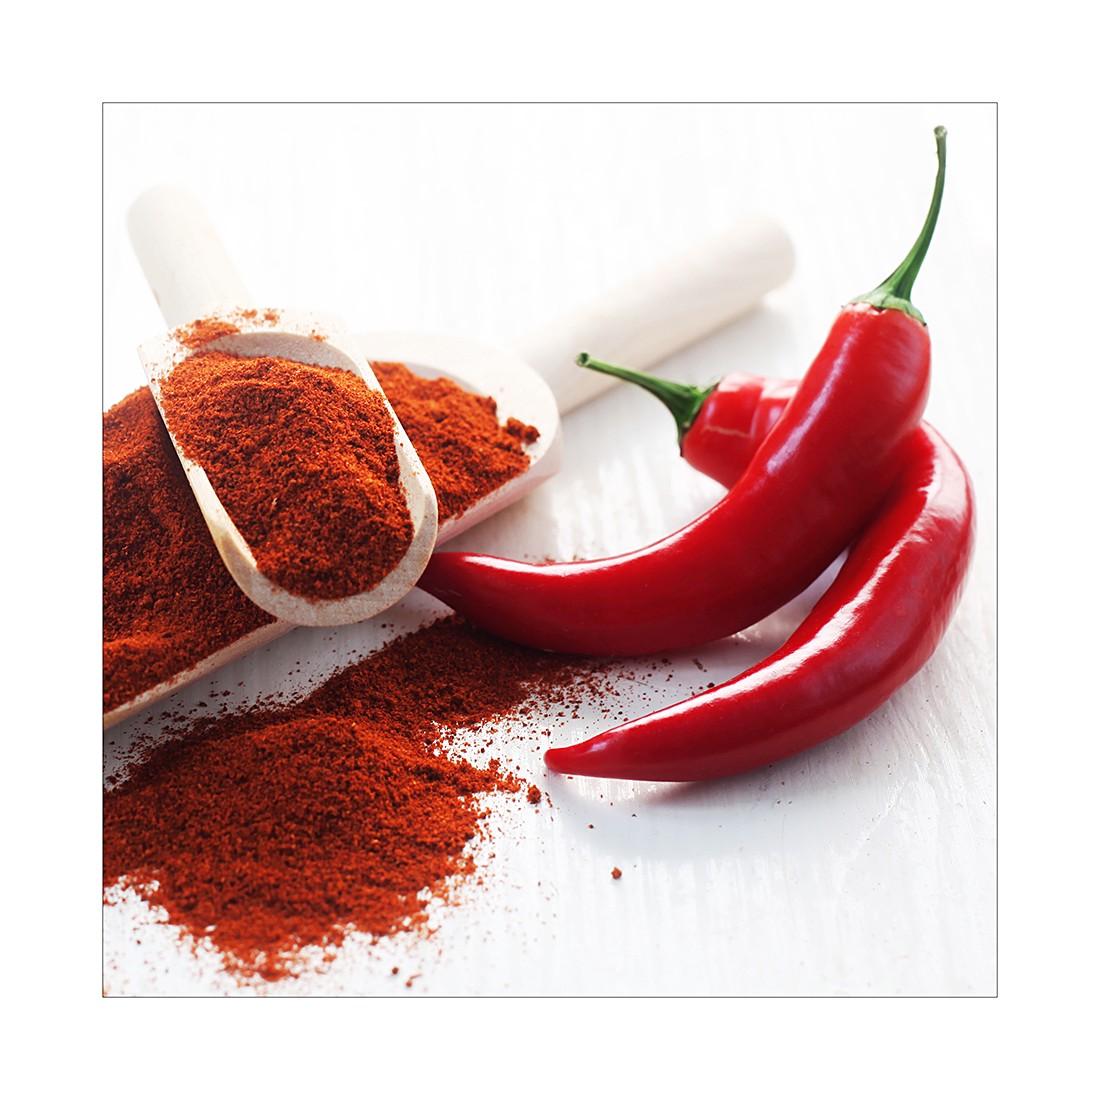 Home 24 - Impression sur toile, jalapeño pepper ii - taille : 50 x 50 cm, pro art